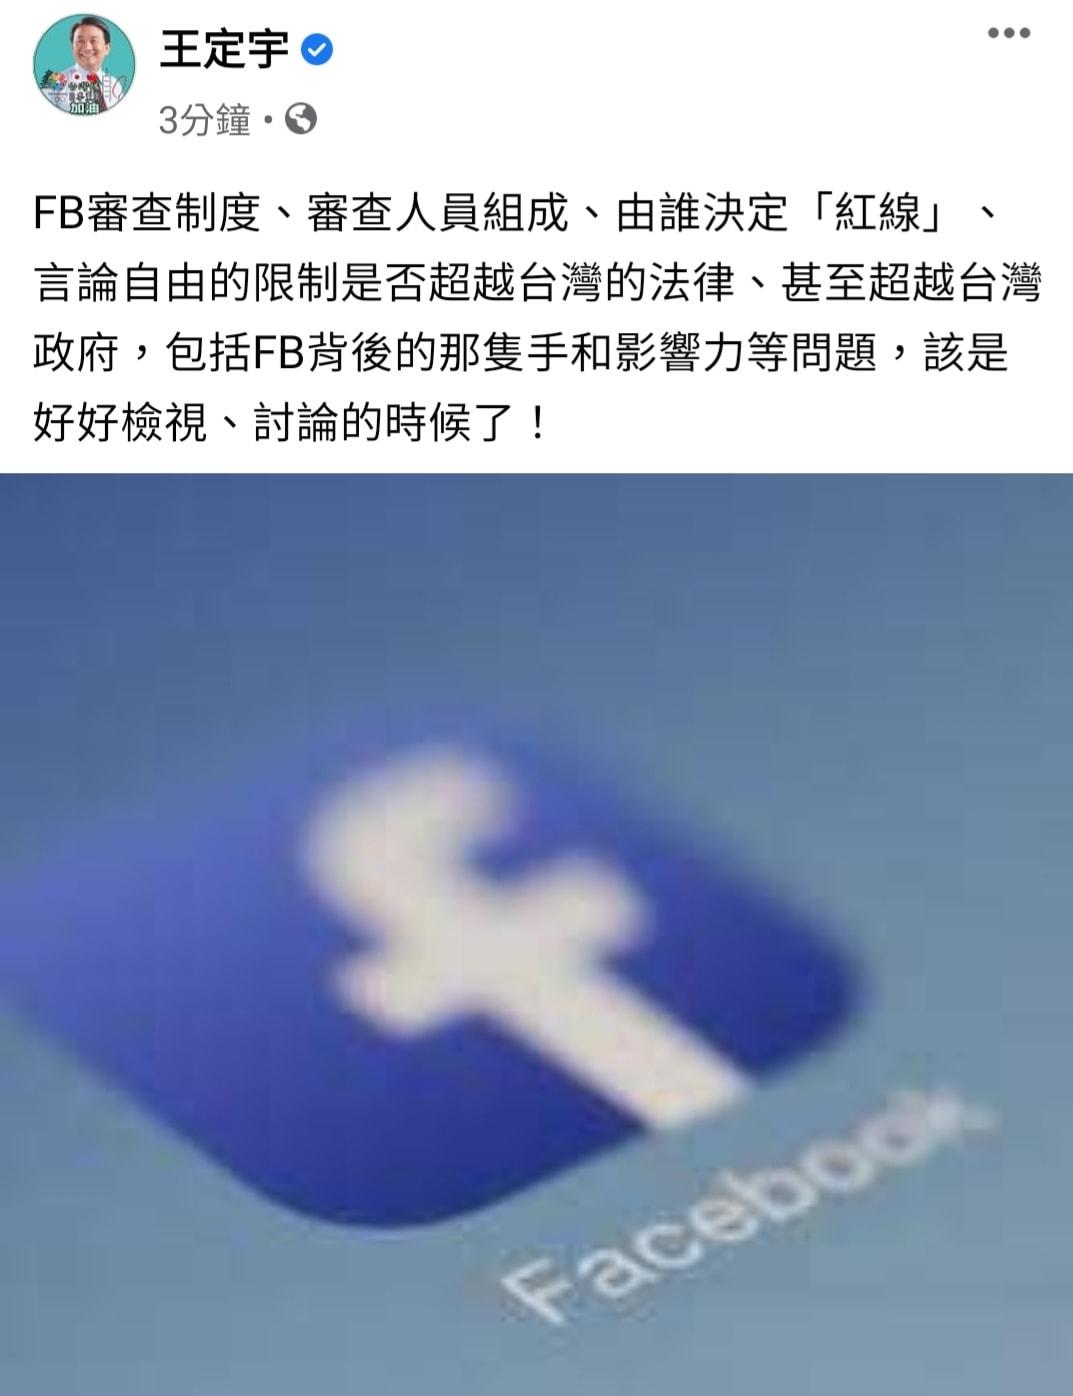 放「426」公里路牌!臉書警告種族歧視:再貼鎖帳號